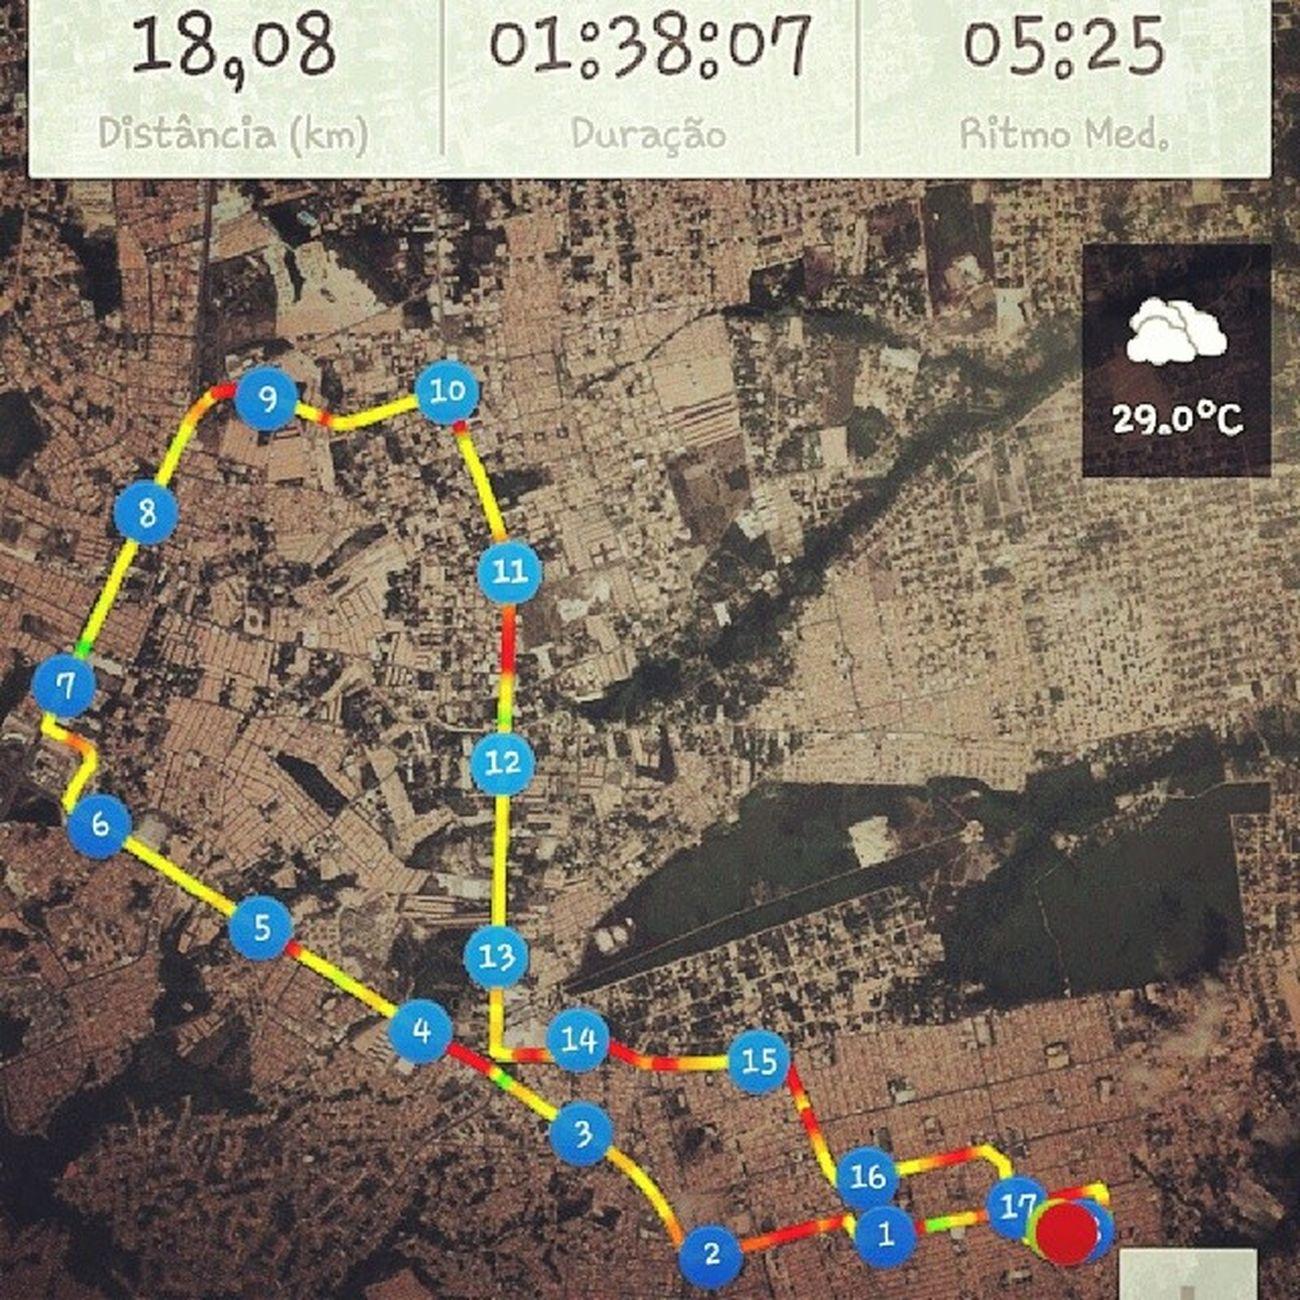 Pedal de hoje pela tarde 18,08 km em 1:38 min. Sucesso. ProjetoFicarTanquinho